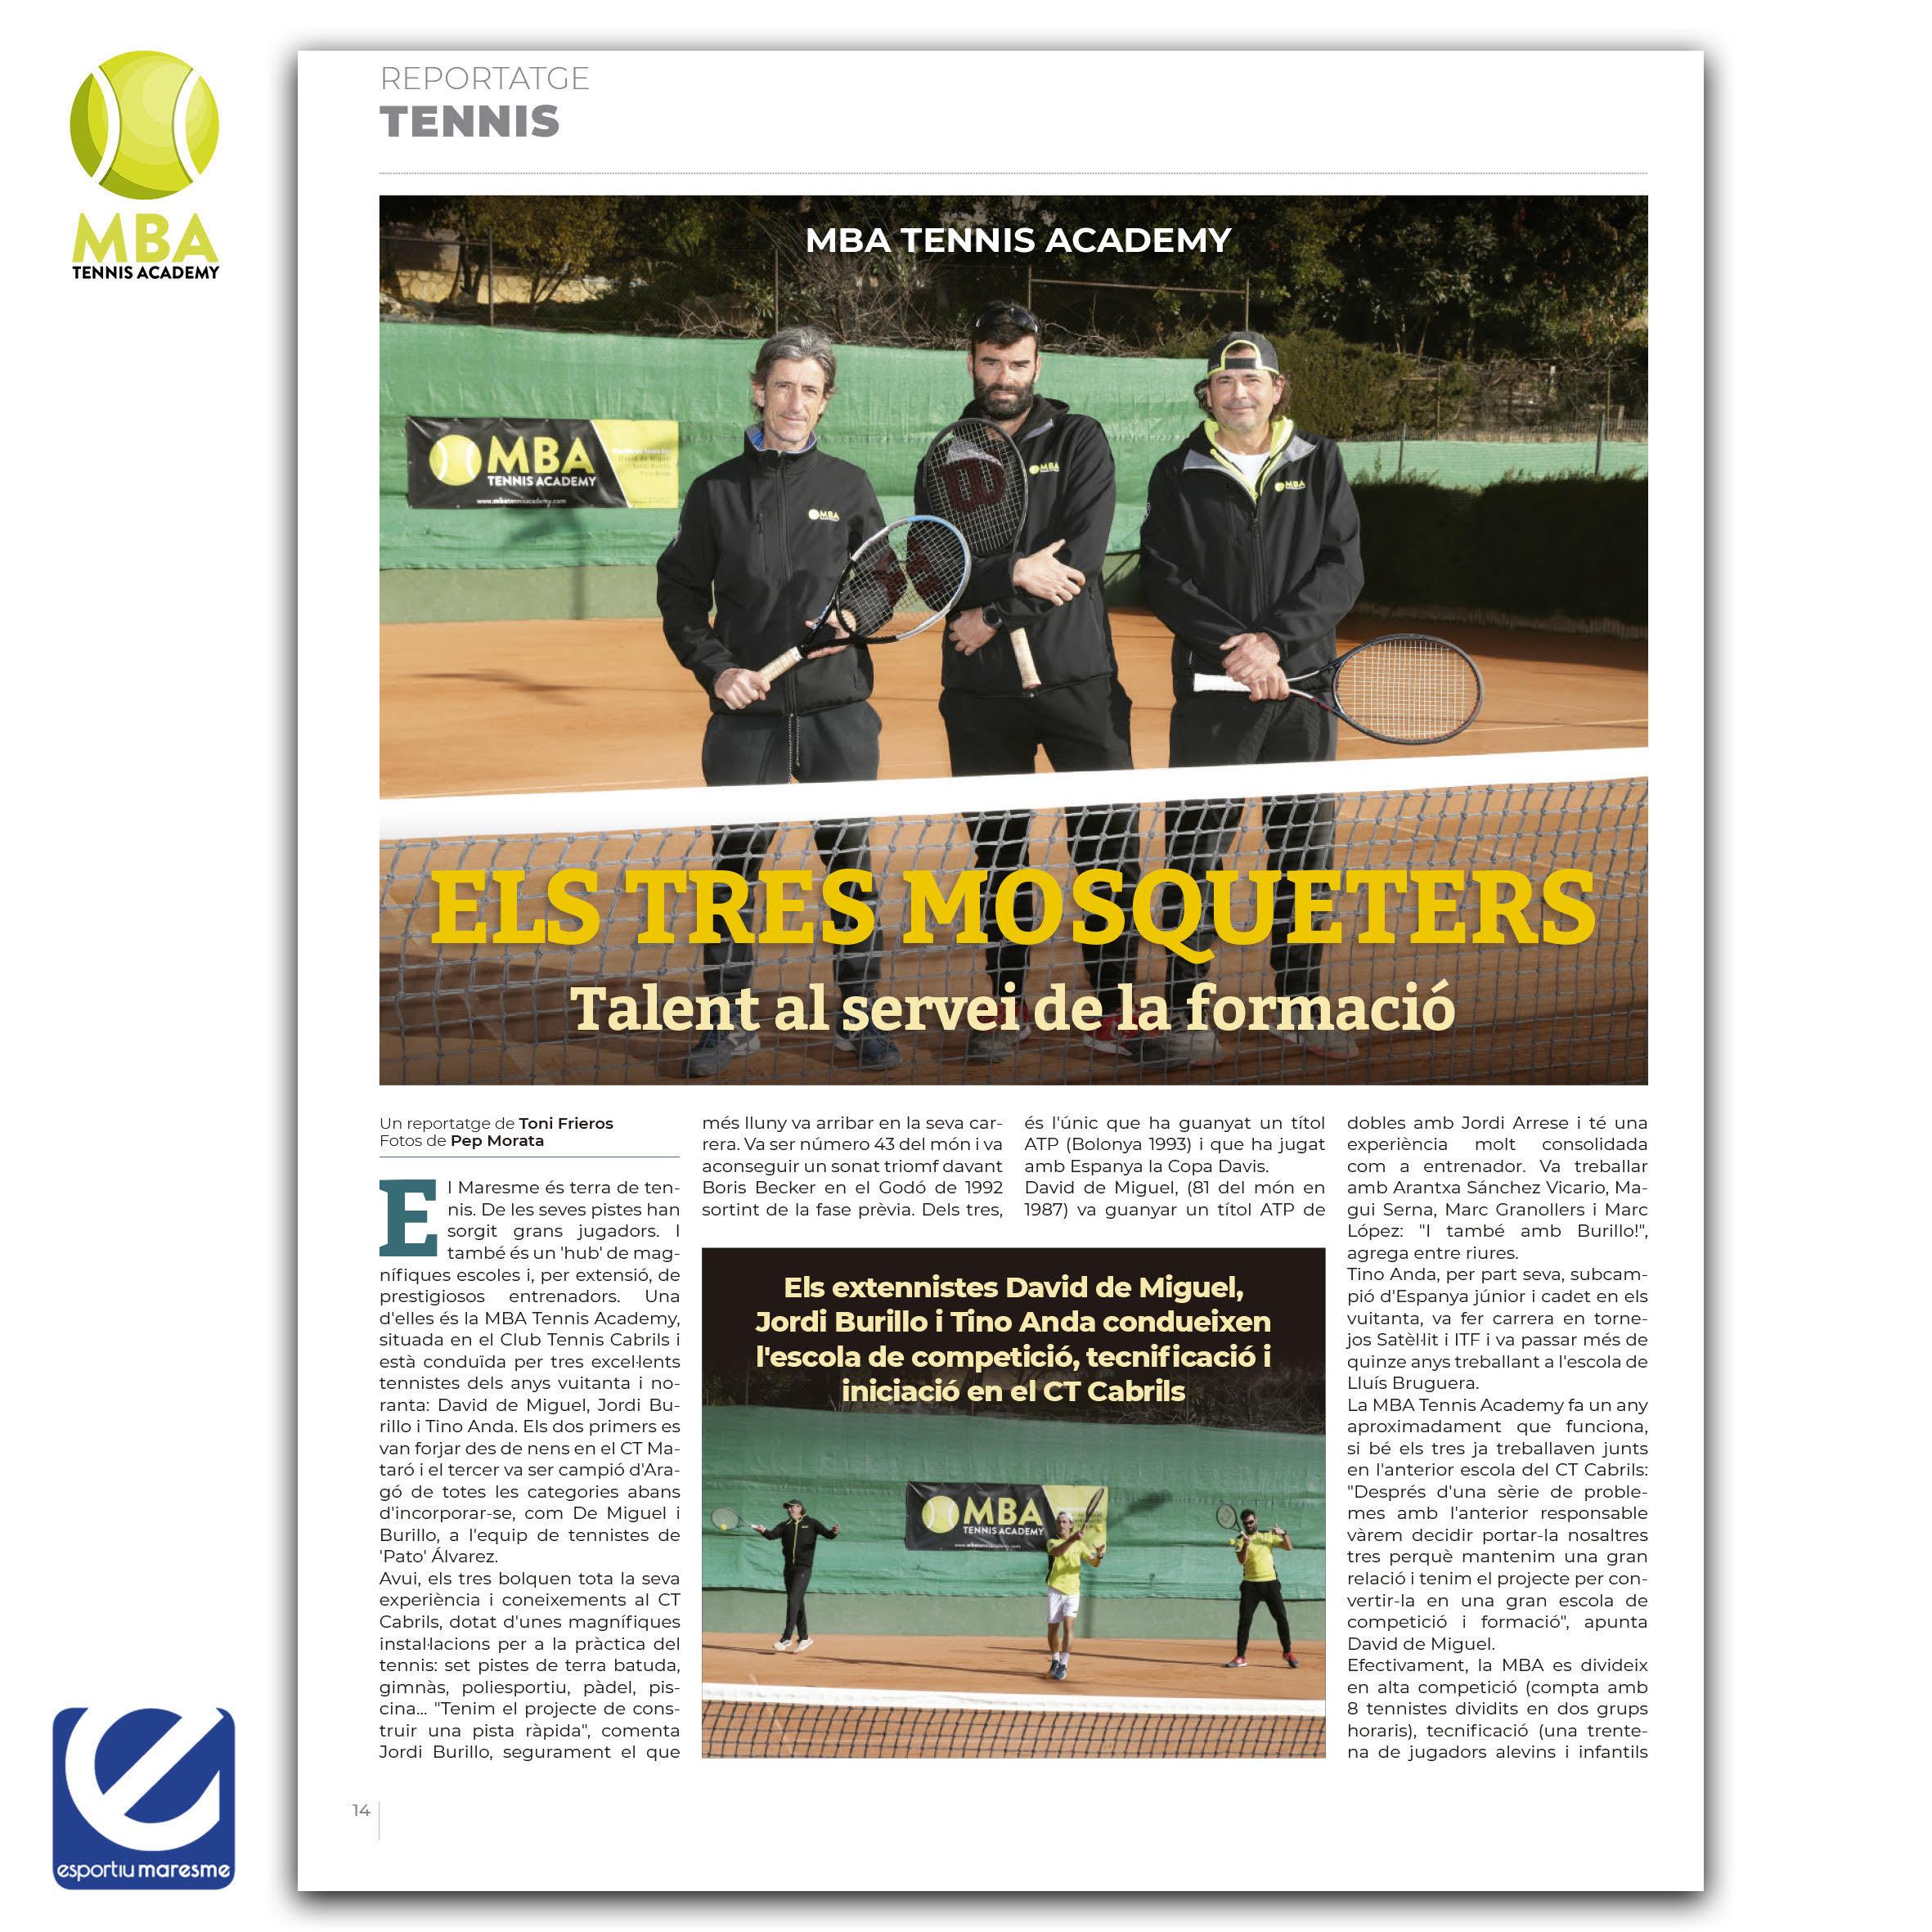 MBA-Tennis-Academy - Foto Esportiu Maresme 2